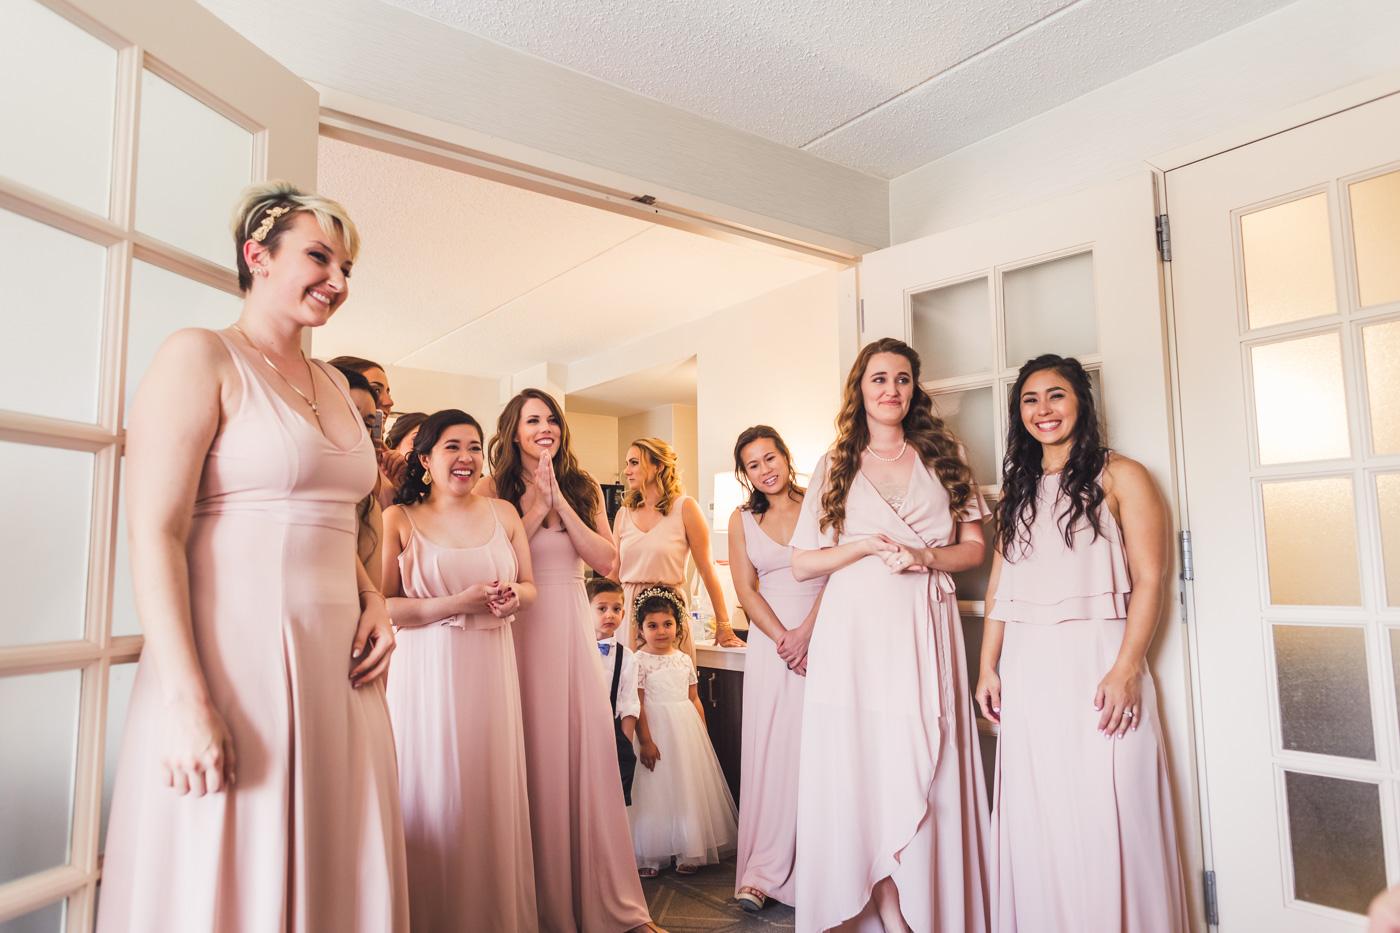 bridesmaids-look-at-bride